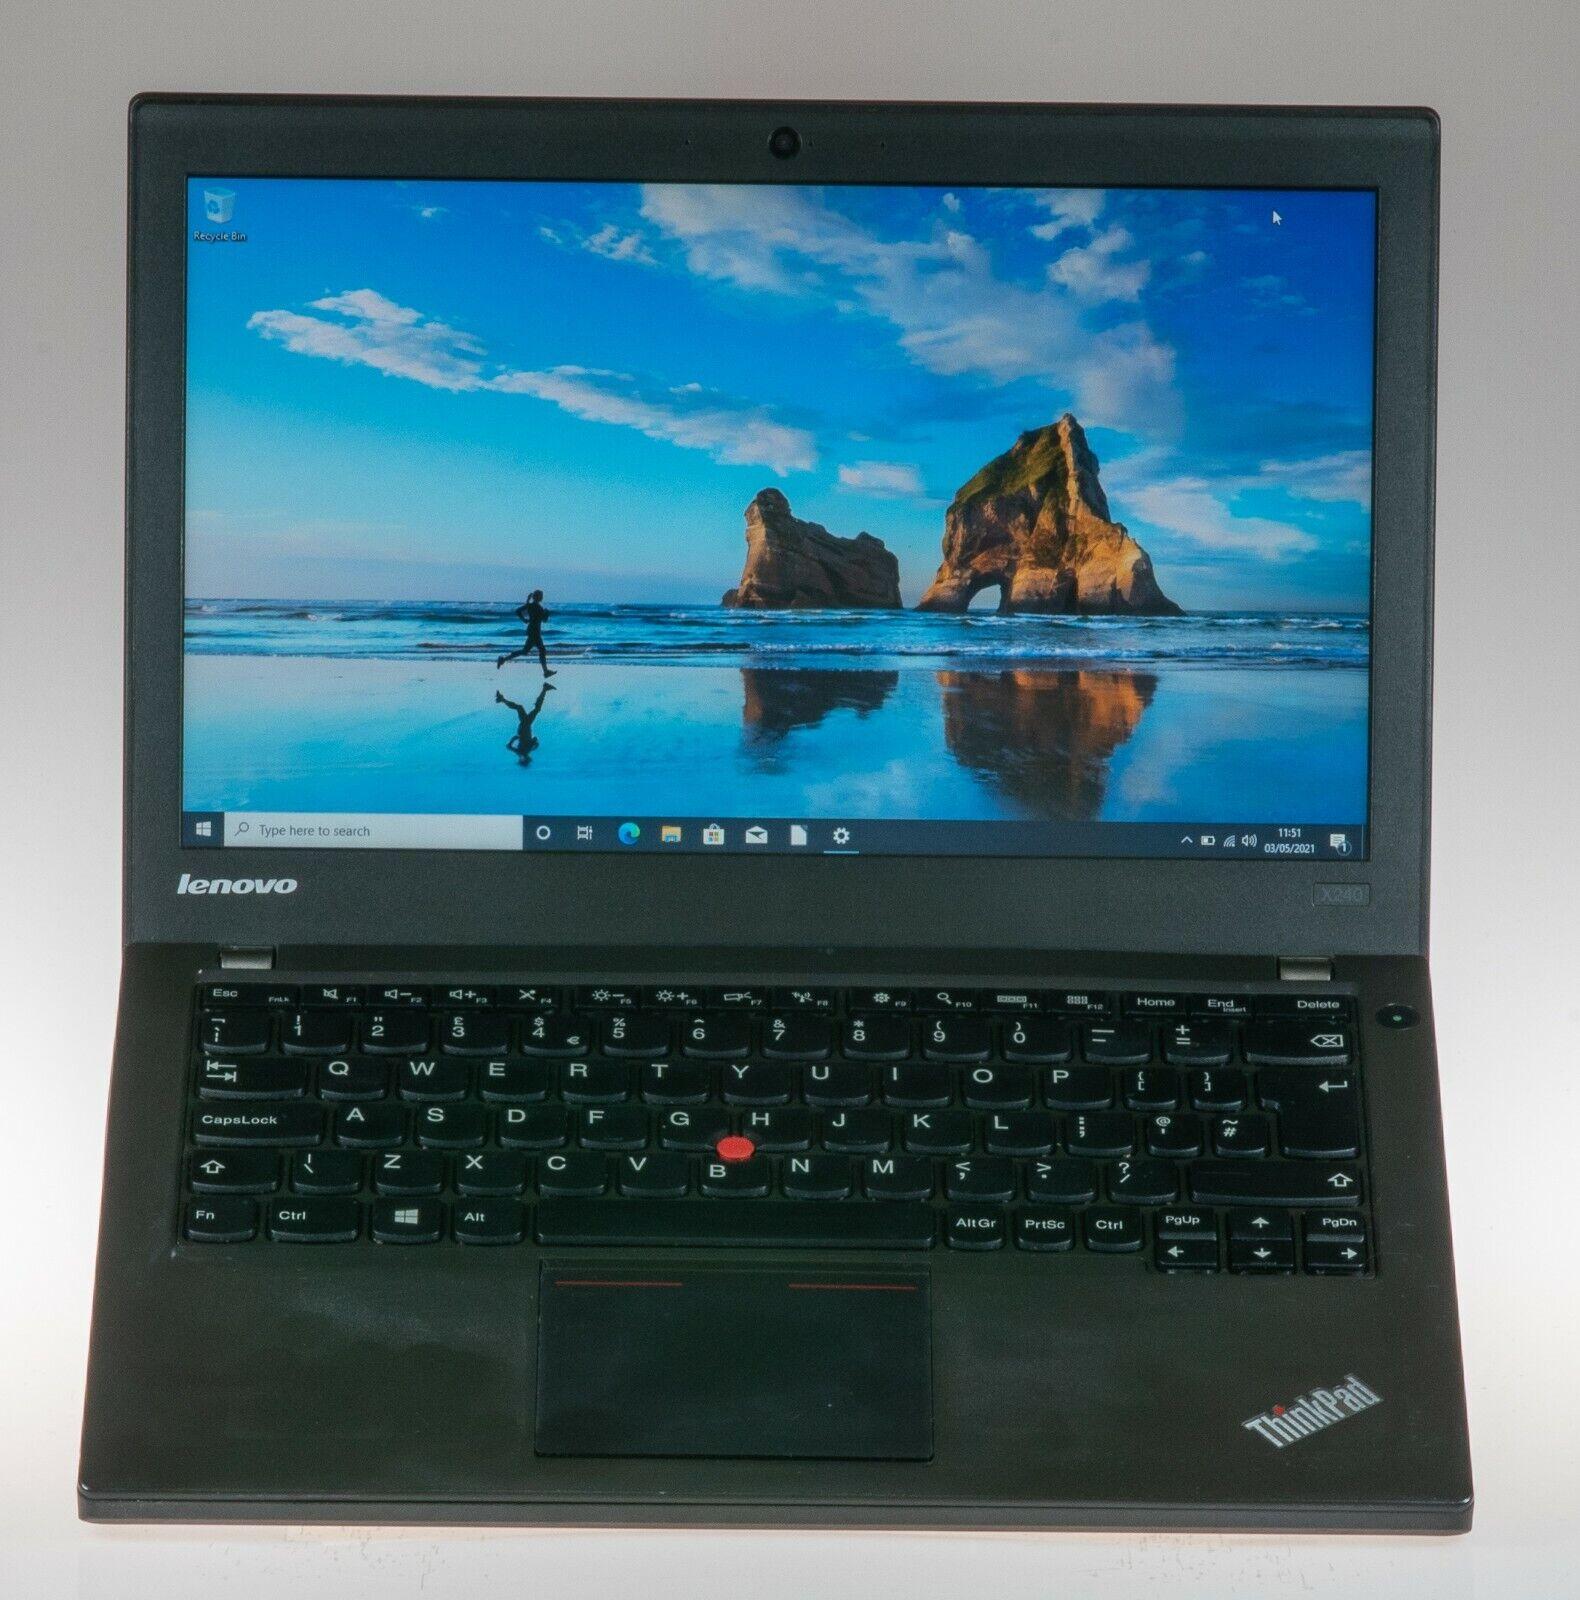 Laptop Windows - Lenovo ThinkPad X240 i5 Windows 10 professionally refurbished laptop